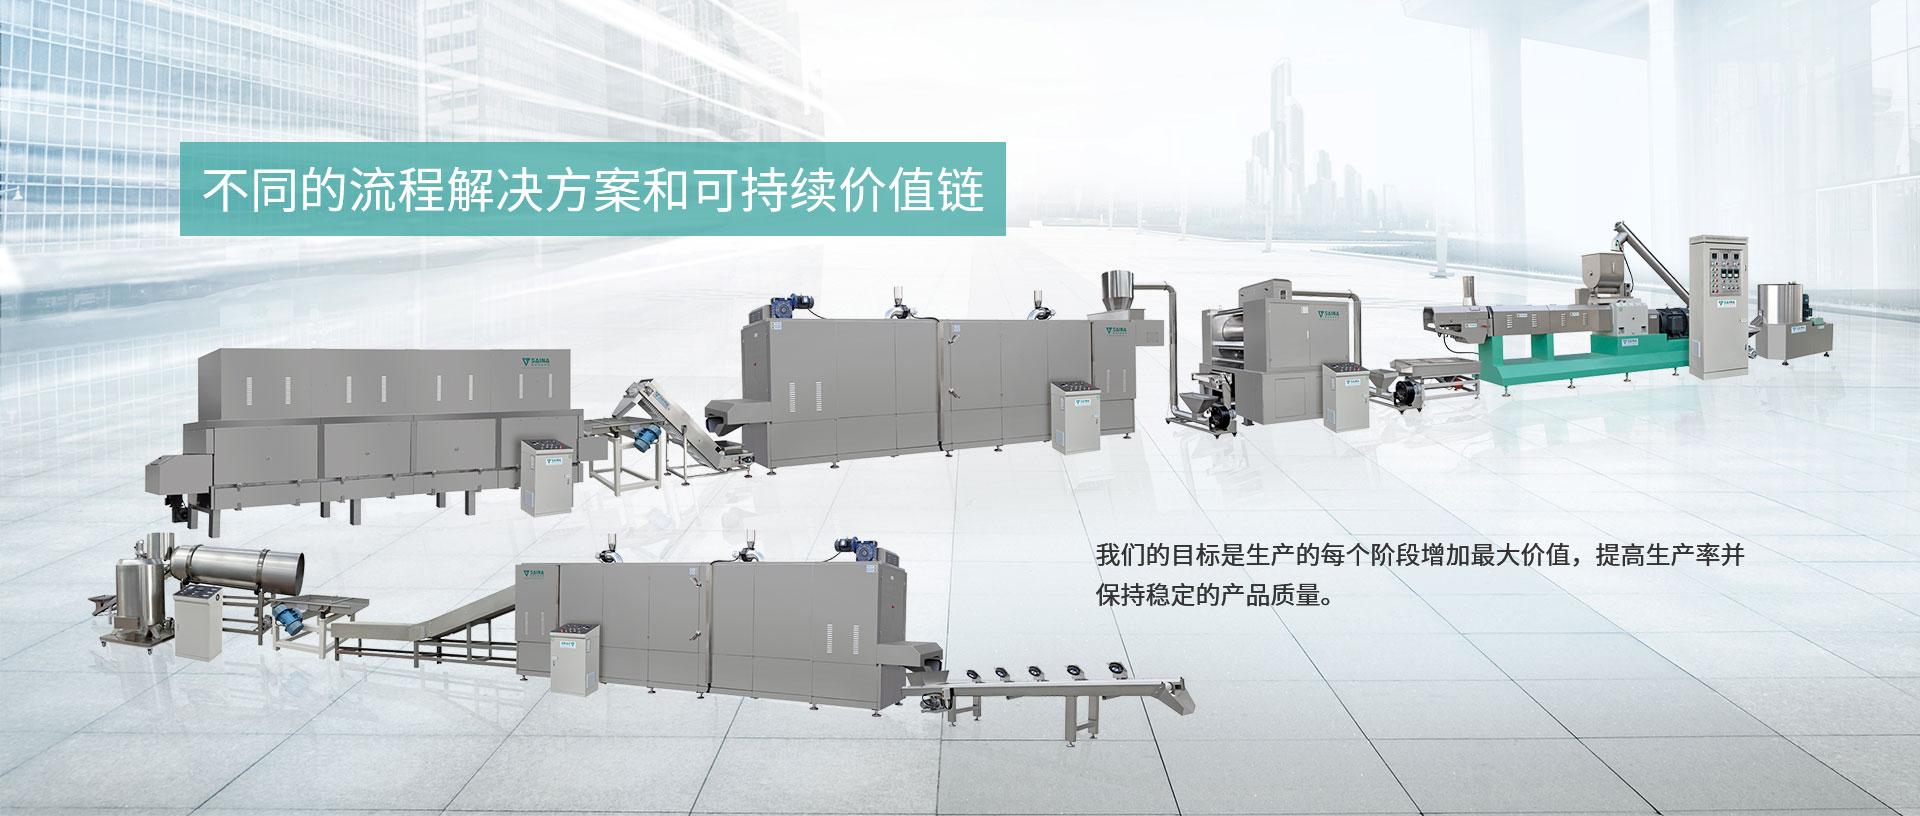 SN100/135 加强型多功能双螺杆挤出机